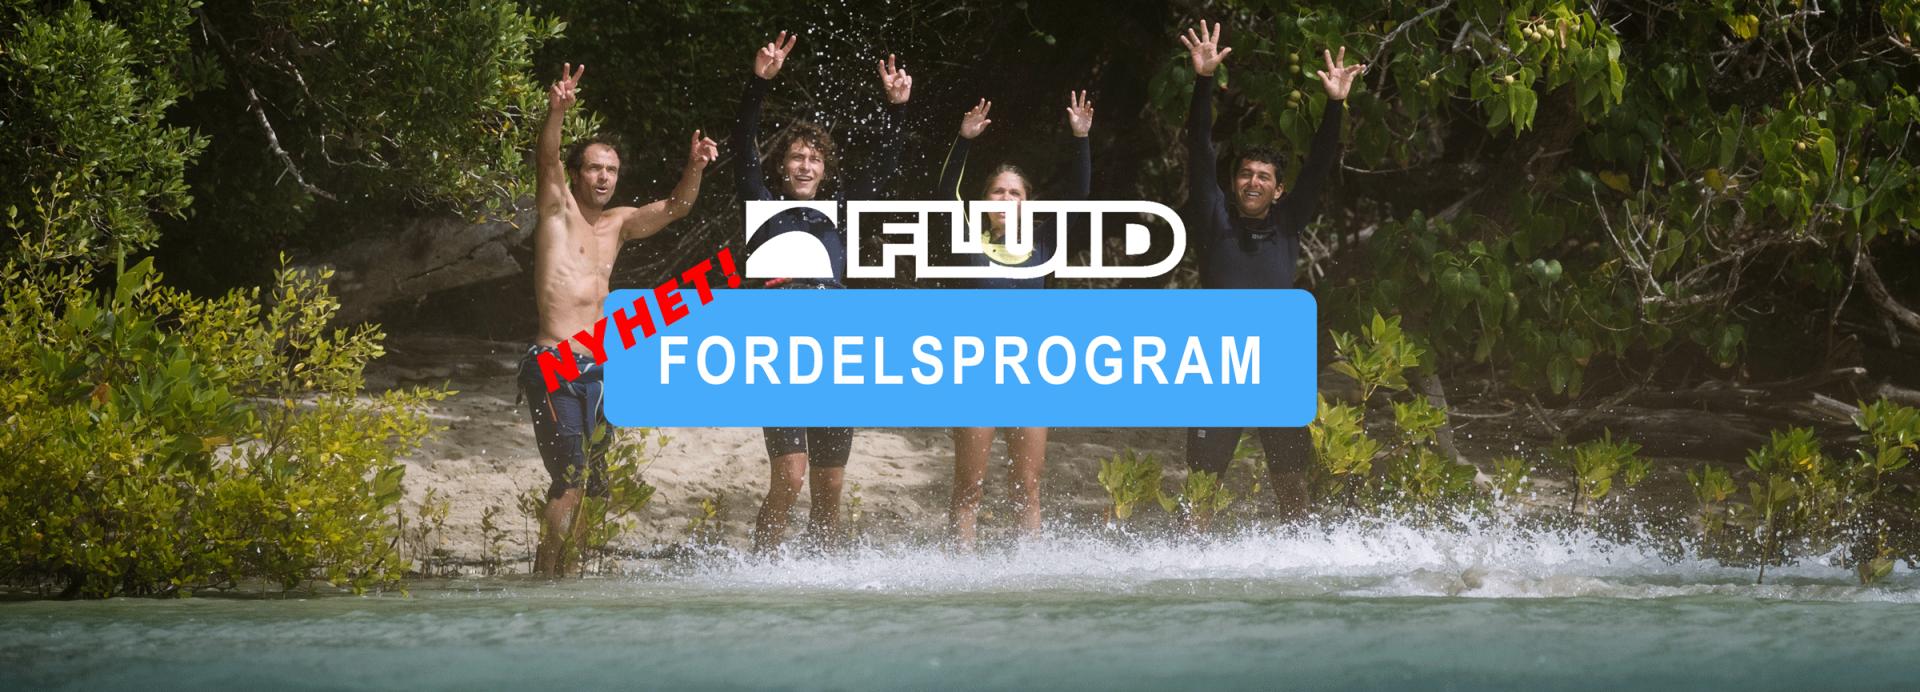 Top_banner_Fordelsprogram